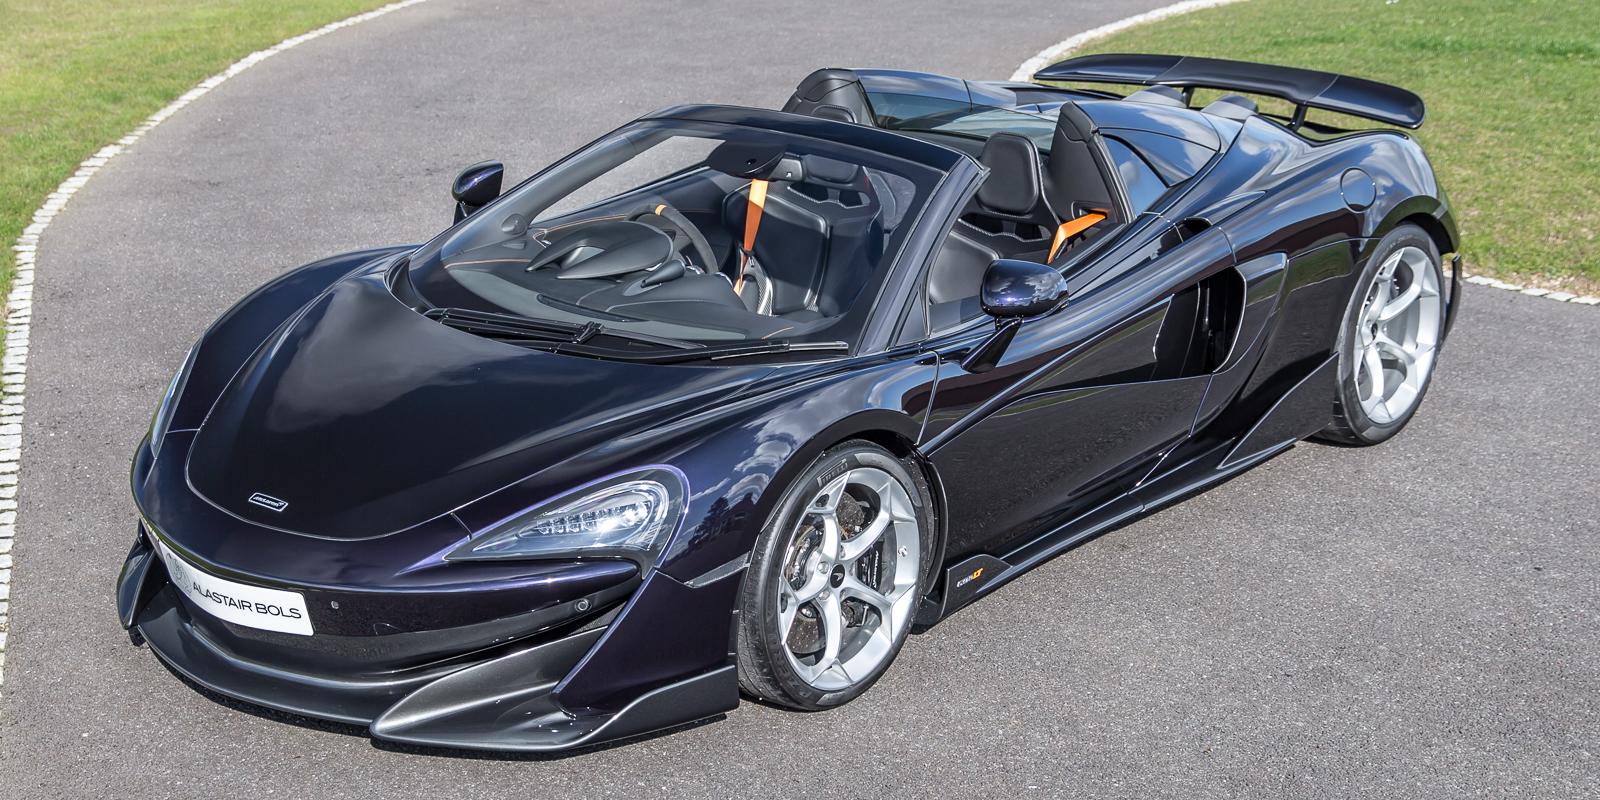 McLaren 600LT Spider – Amethyst Black